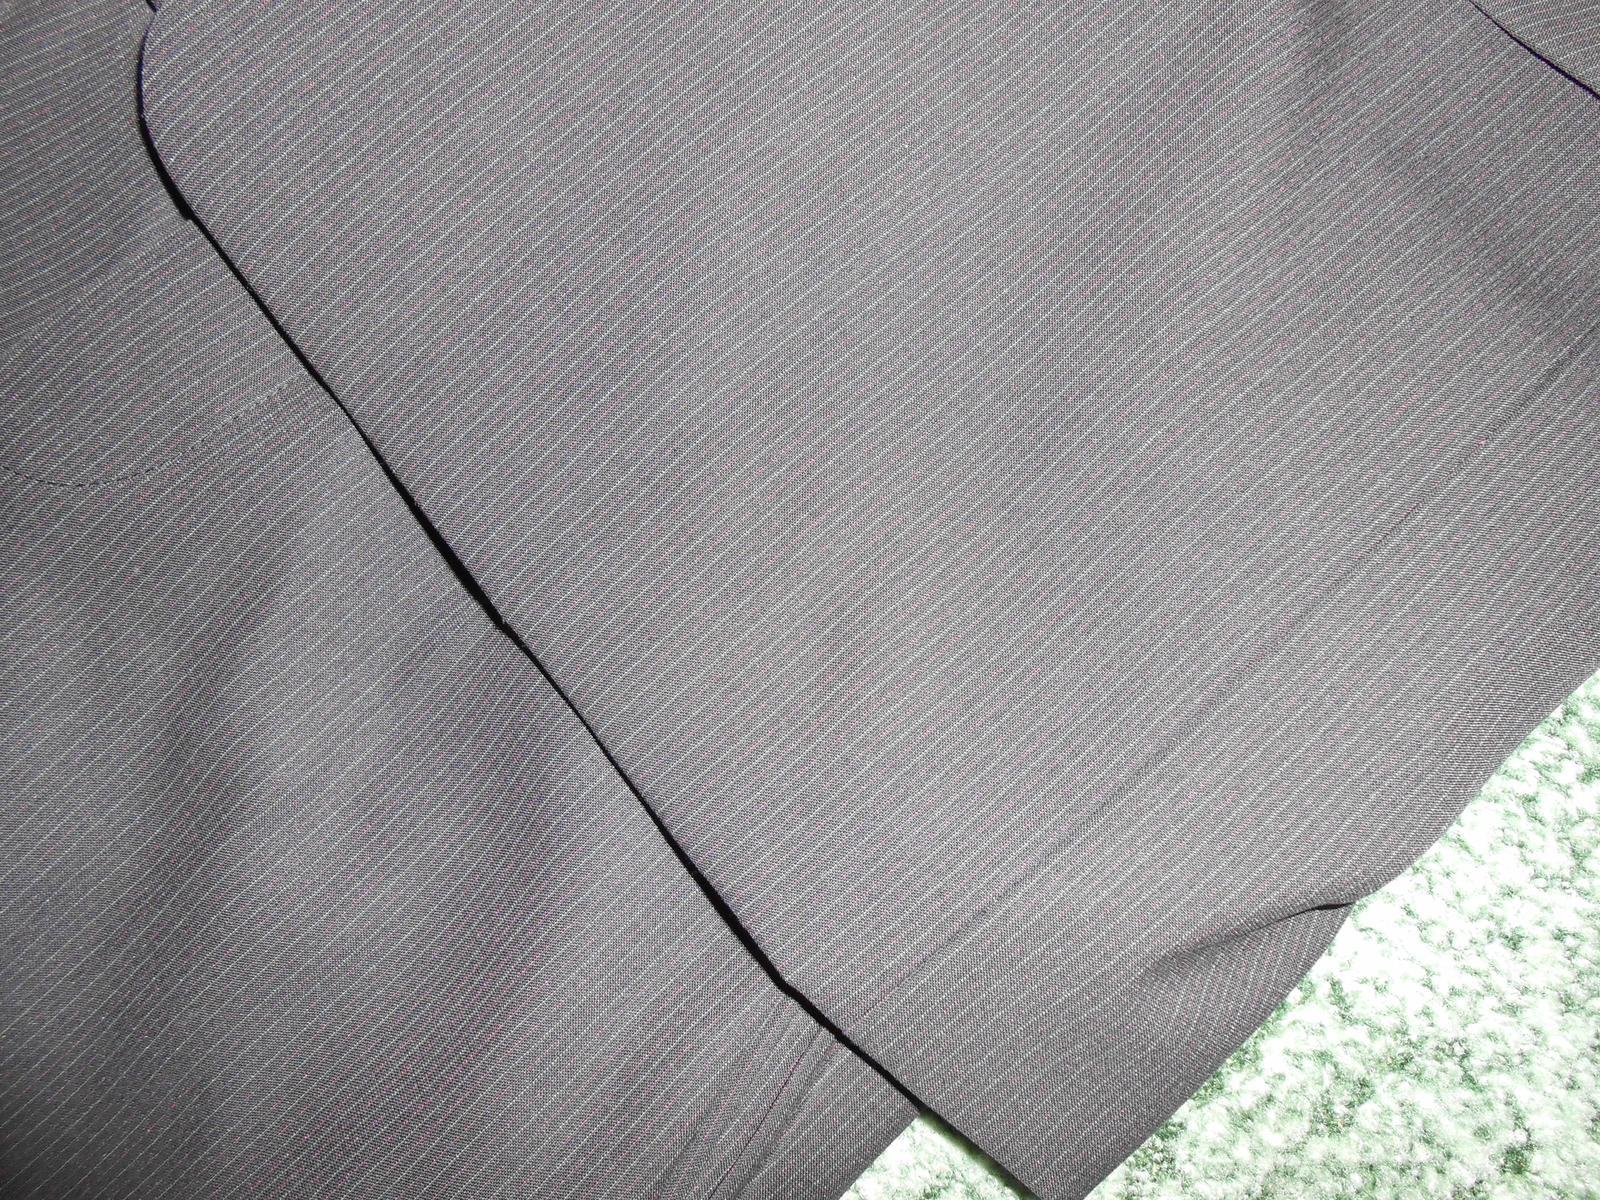 Oblek Sunset suit - Obrázek č. 2